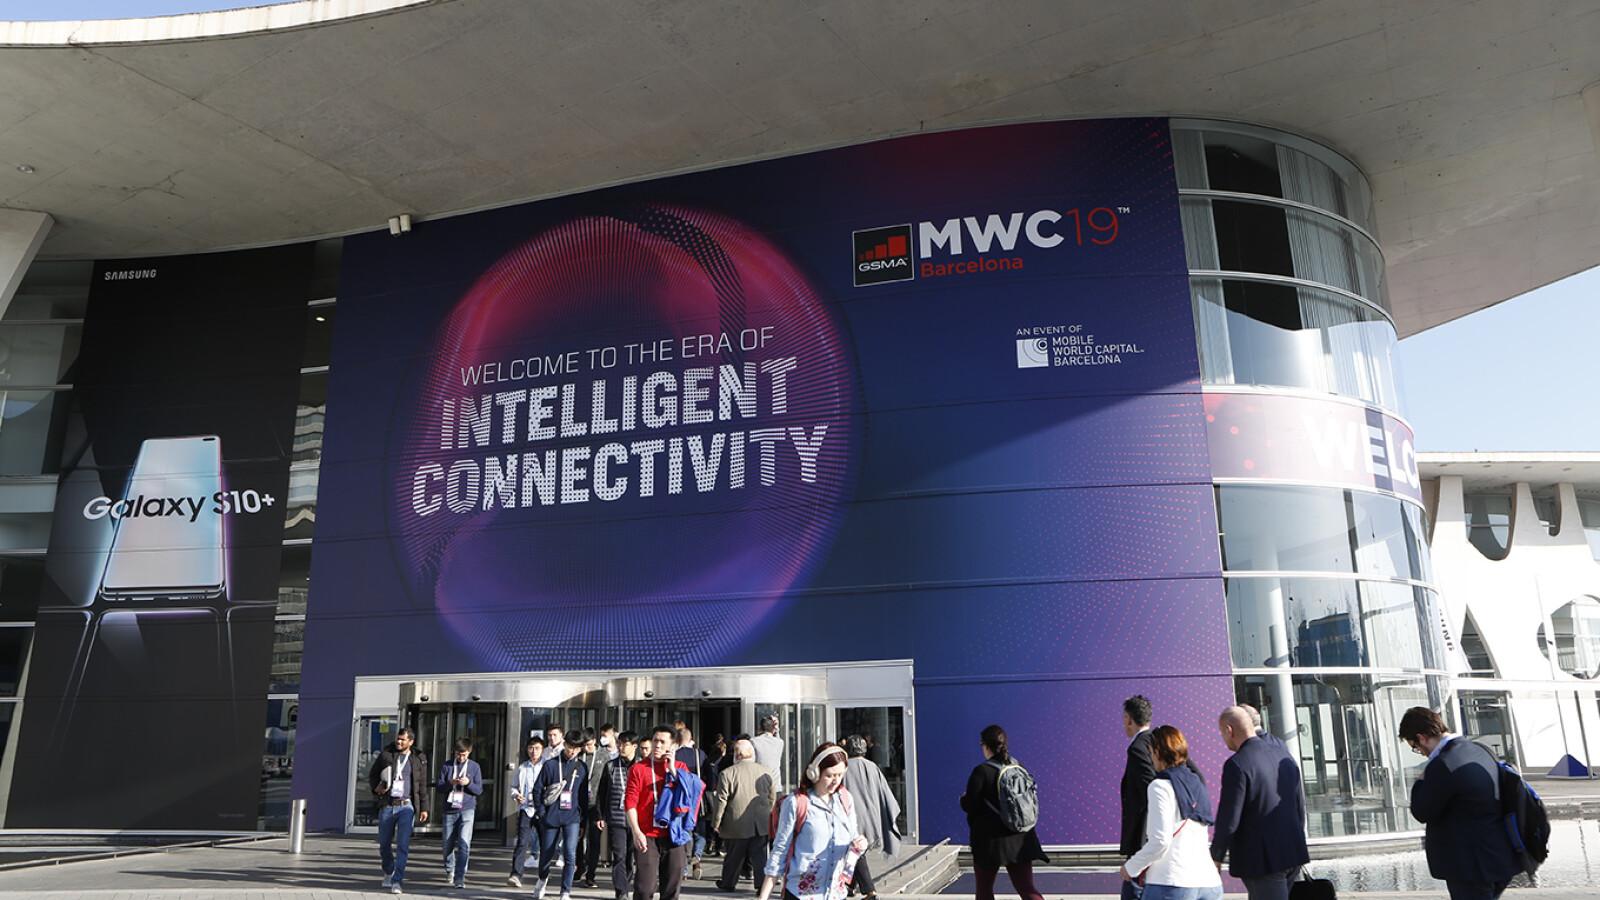 MWC-Vorschau 2020: Diese Smartphone-Neuheiten erwarten wir